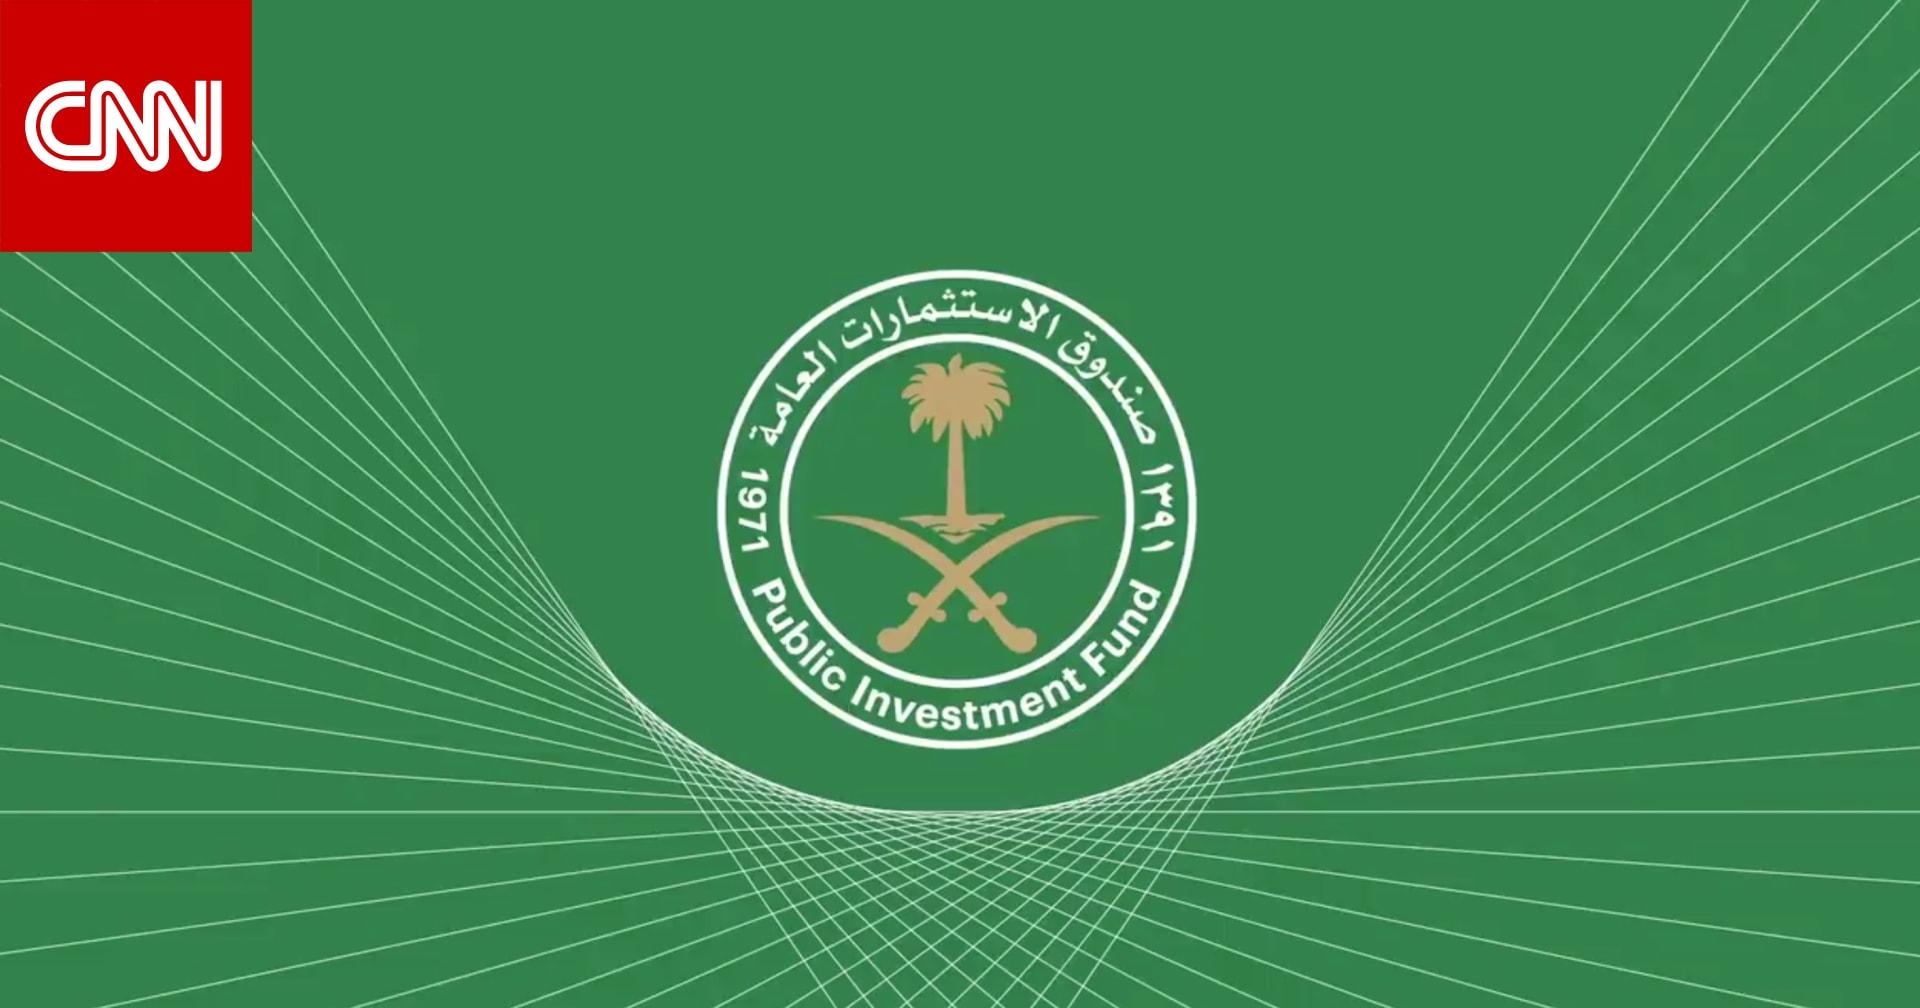 صندوق الاستثمارات العامة السعودي يوقع على قرض بقيمة 15 مليار دولار